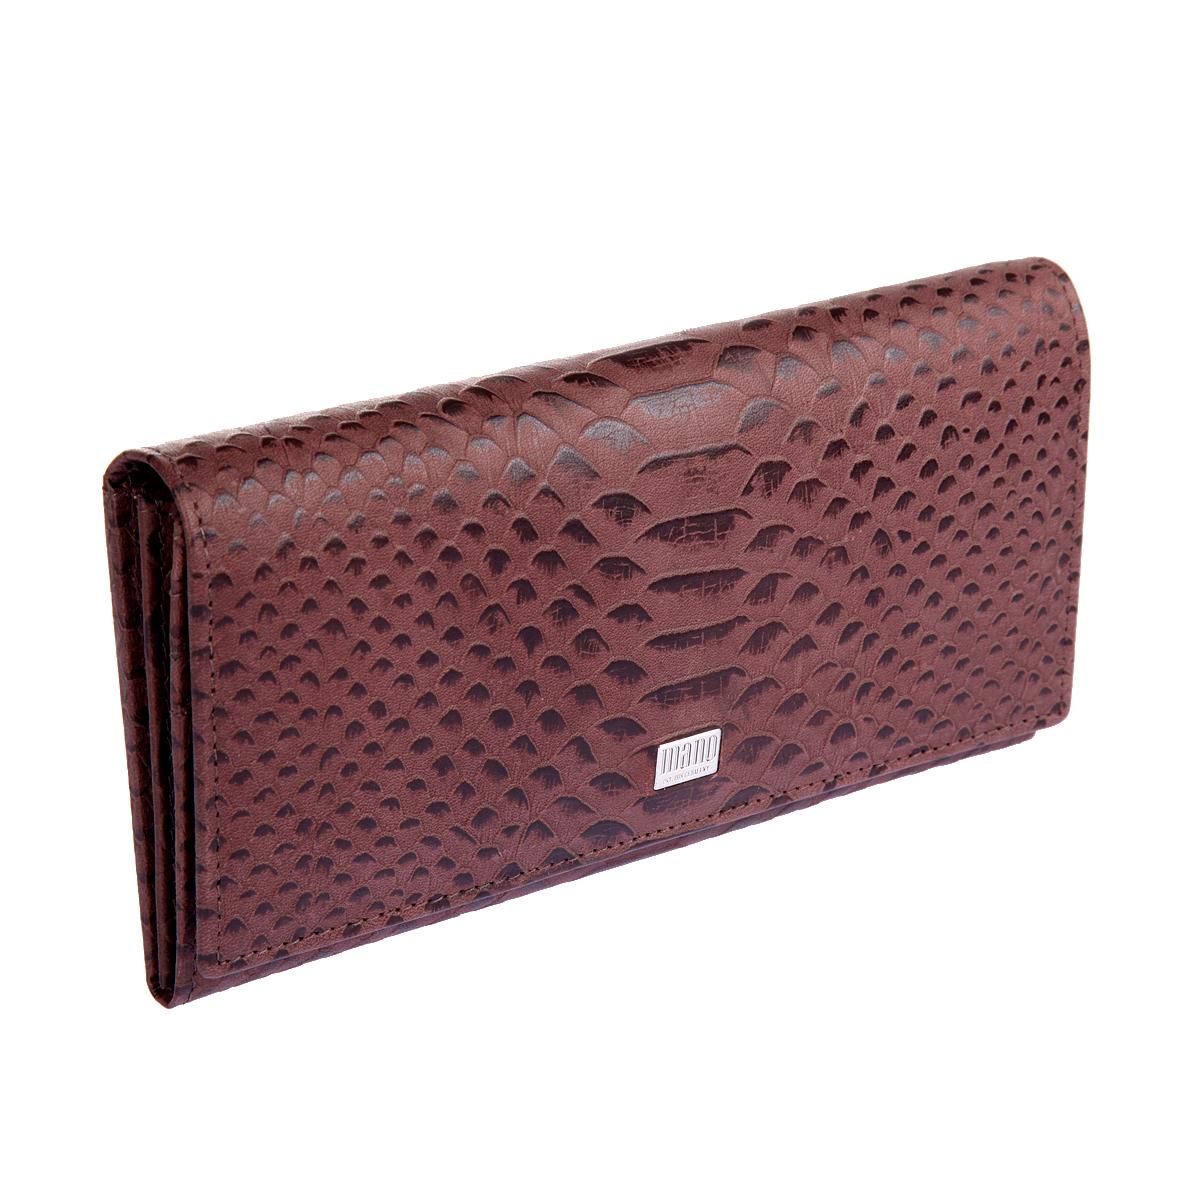 Портмоне Mano, цвет: коричневый. 20150 CrocoINT-06501Портмоне Mano выполнено из натуральной кожи. Модель закрывается широким клапаном на кнопке, внутри два отделения для купюр, отделение для мелочи на молнии, два кармана для бумаг, девятнадцать кармашков для пластиковых карт, сетчатый карман, снаружи на задней стенке два кармана, один из них на молнии.